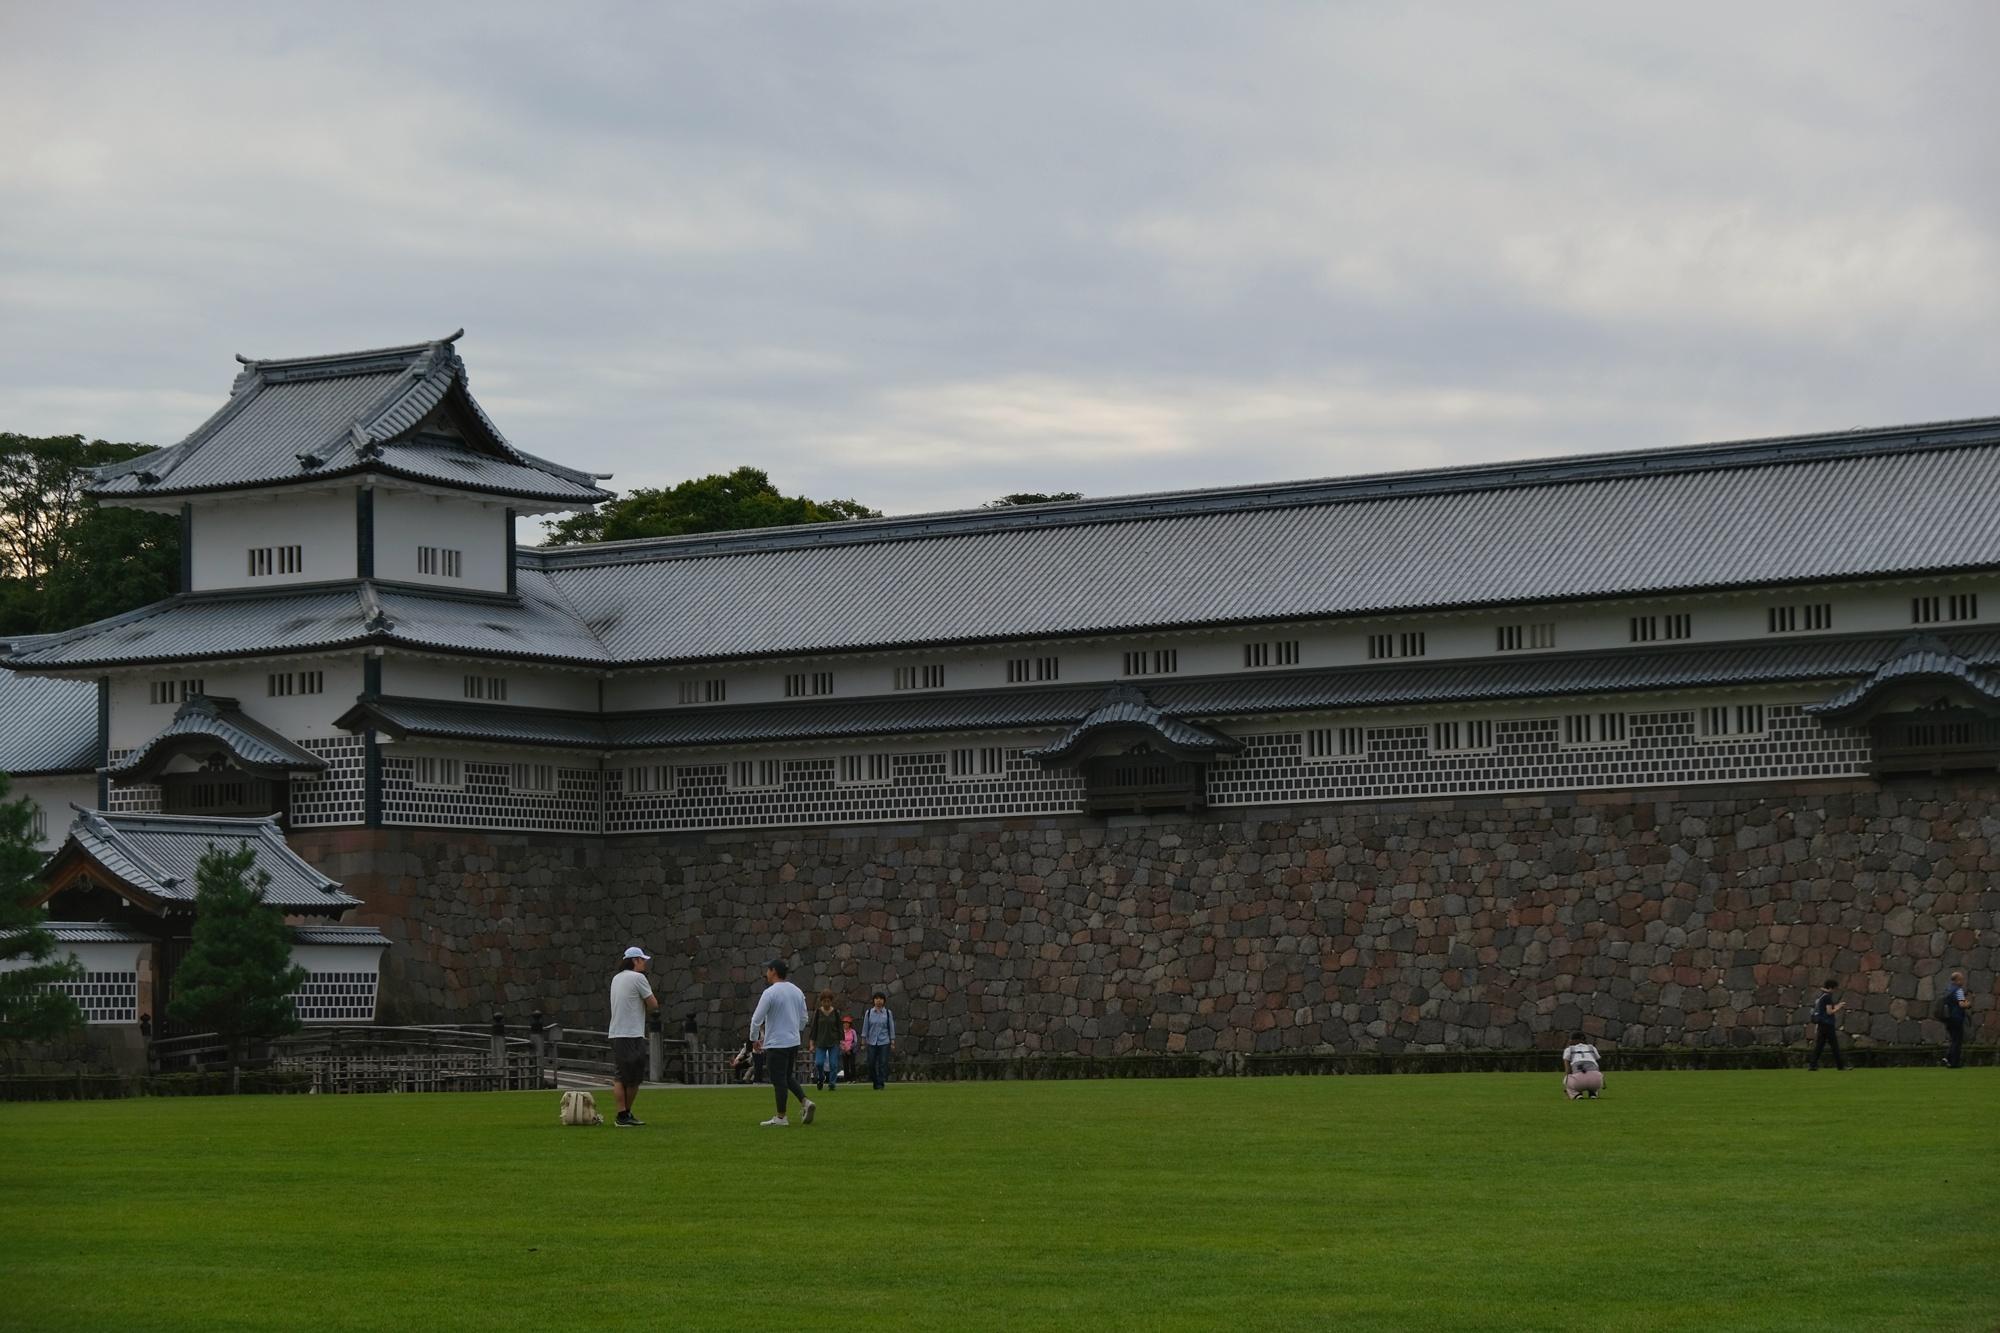 La château de Kanazawa et son esplanade